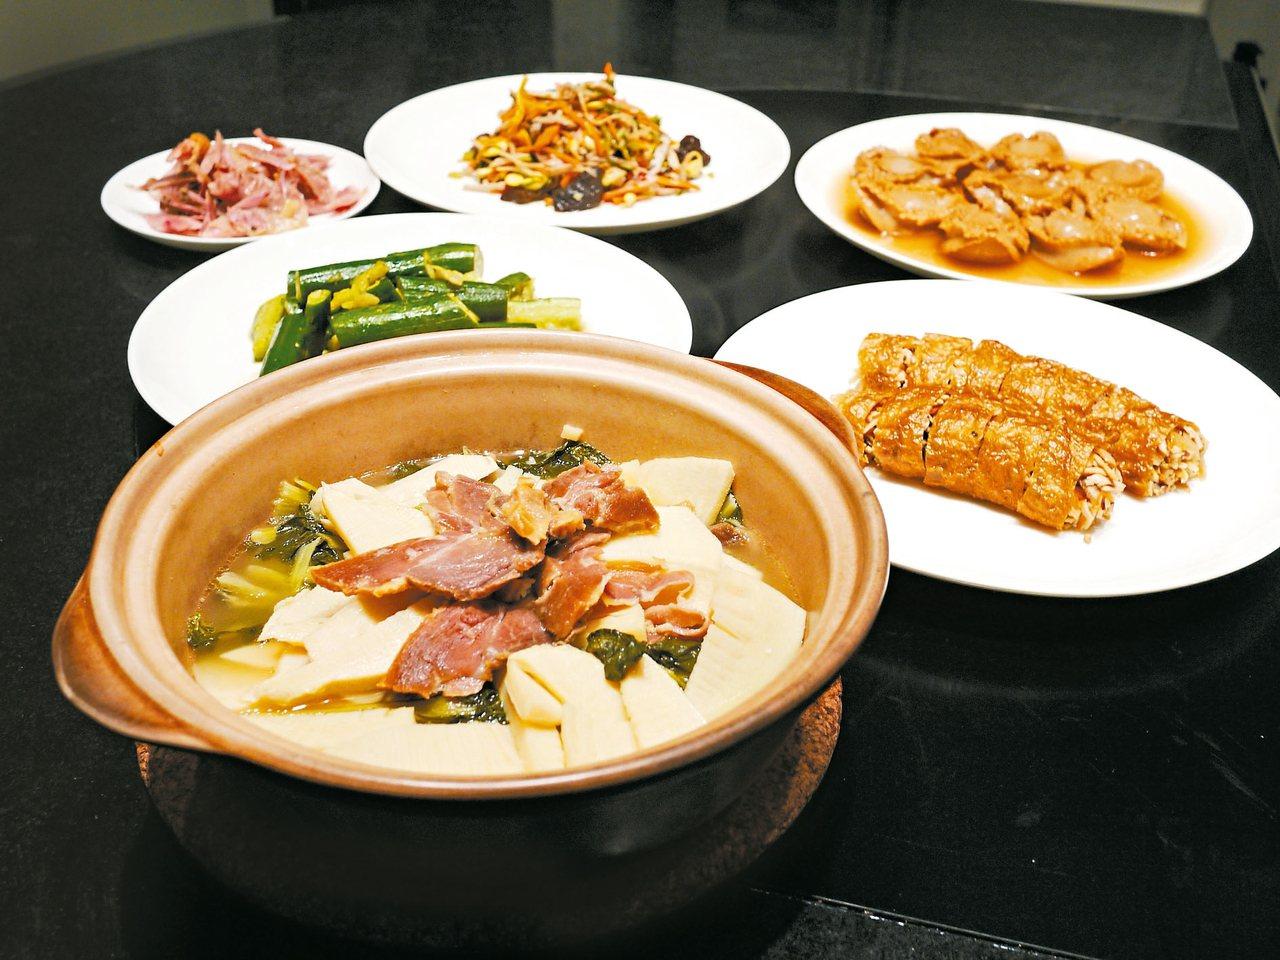 Liz家年菜必定有十樣菜、紅燒獅子頭以及扁尖筍燉雞湯。 圖/Liz提供